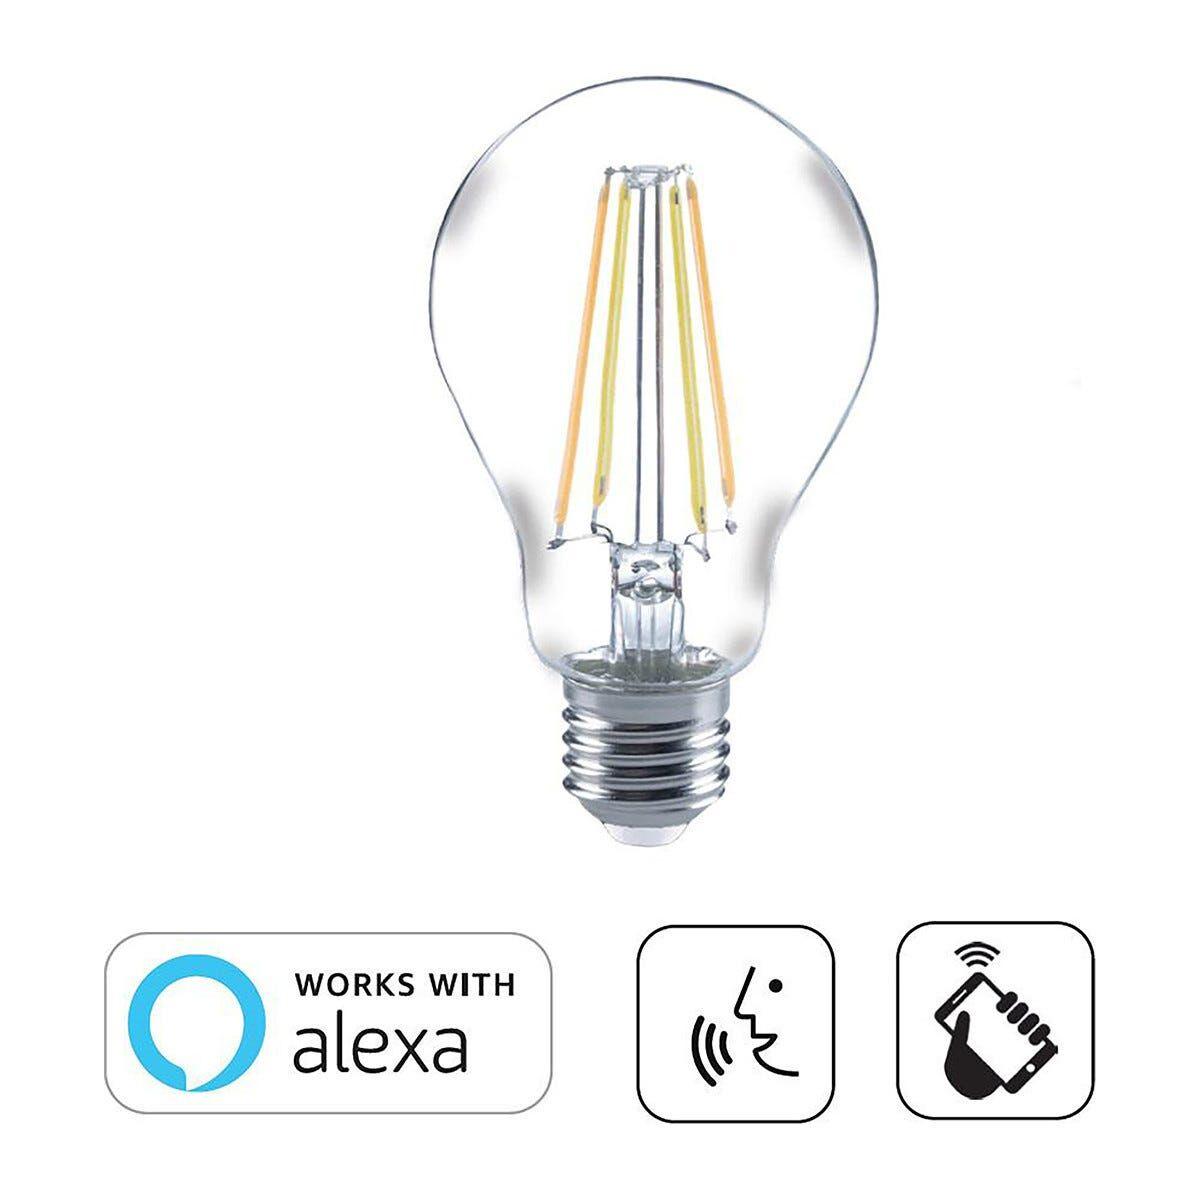 SUPREMA Lampadina Led Filamento Goccia E27 7w=60w 806 Lumen 2200k- 6500k Compatibile Con Alexa